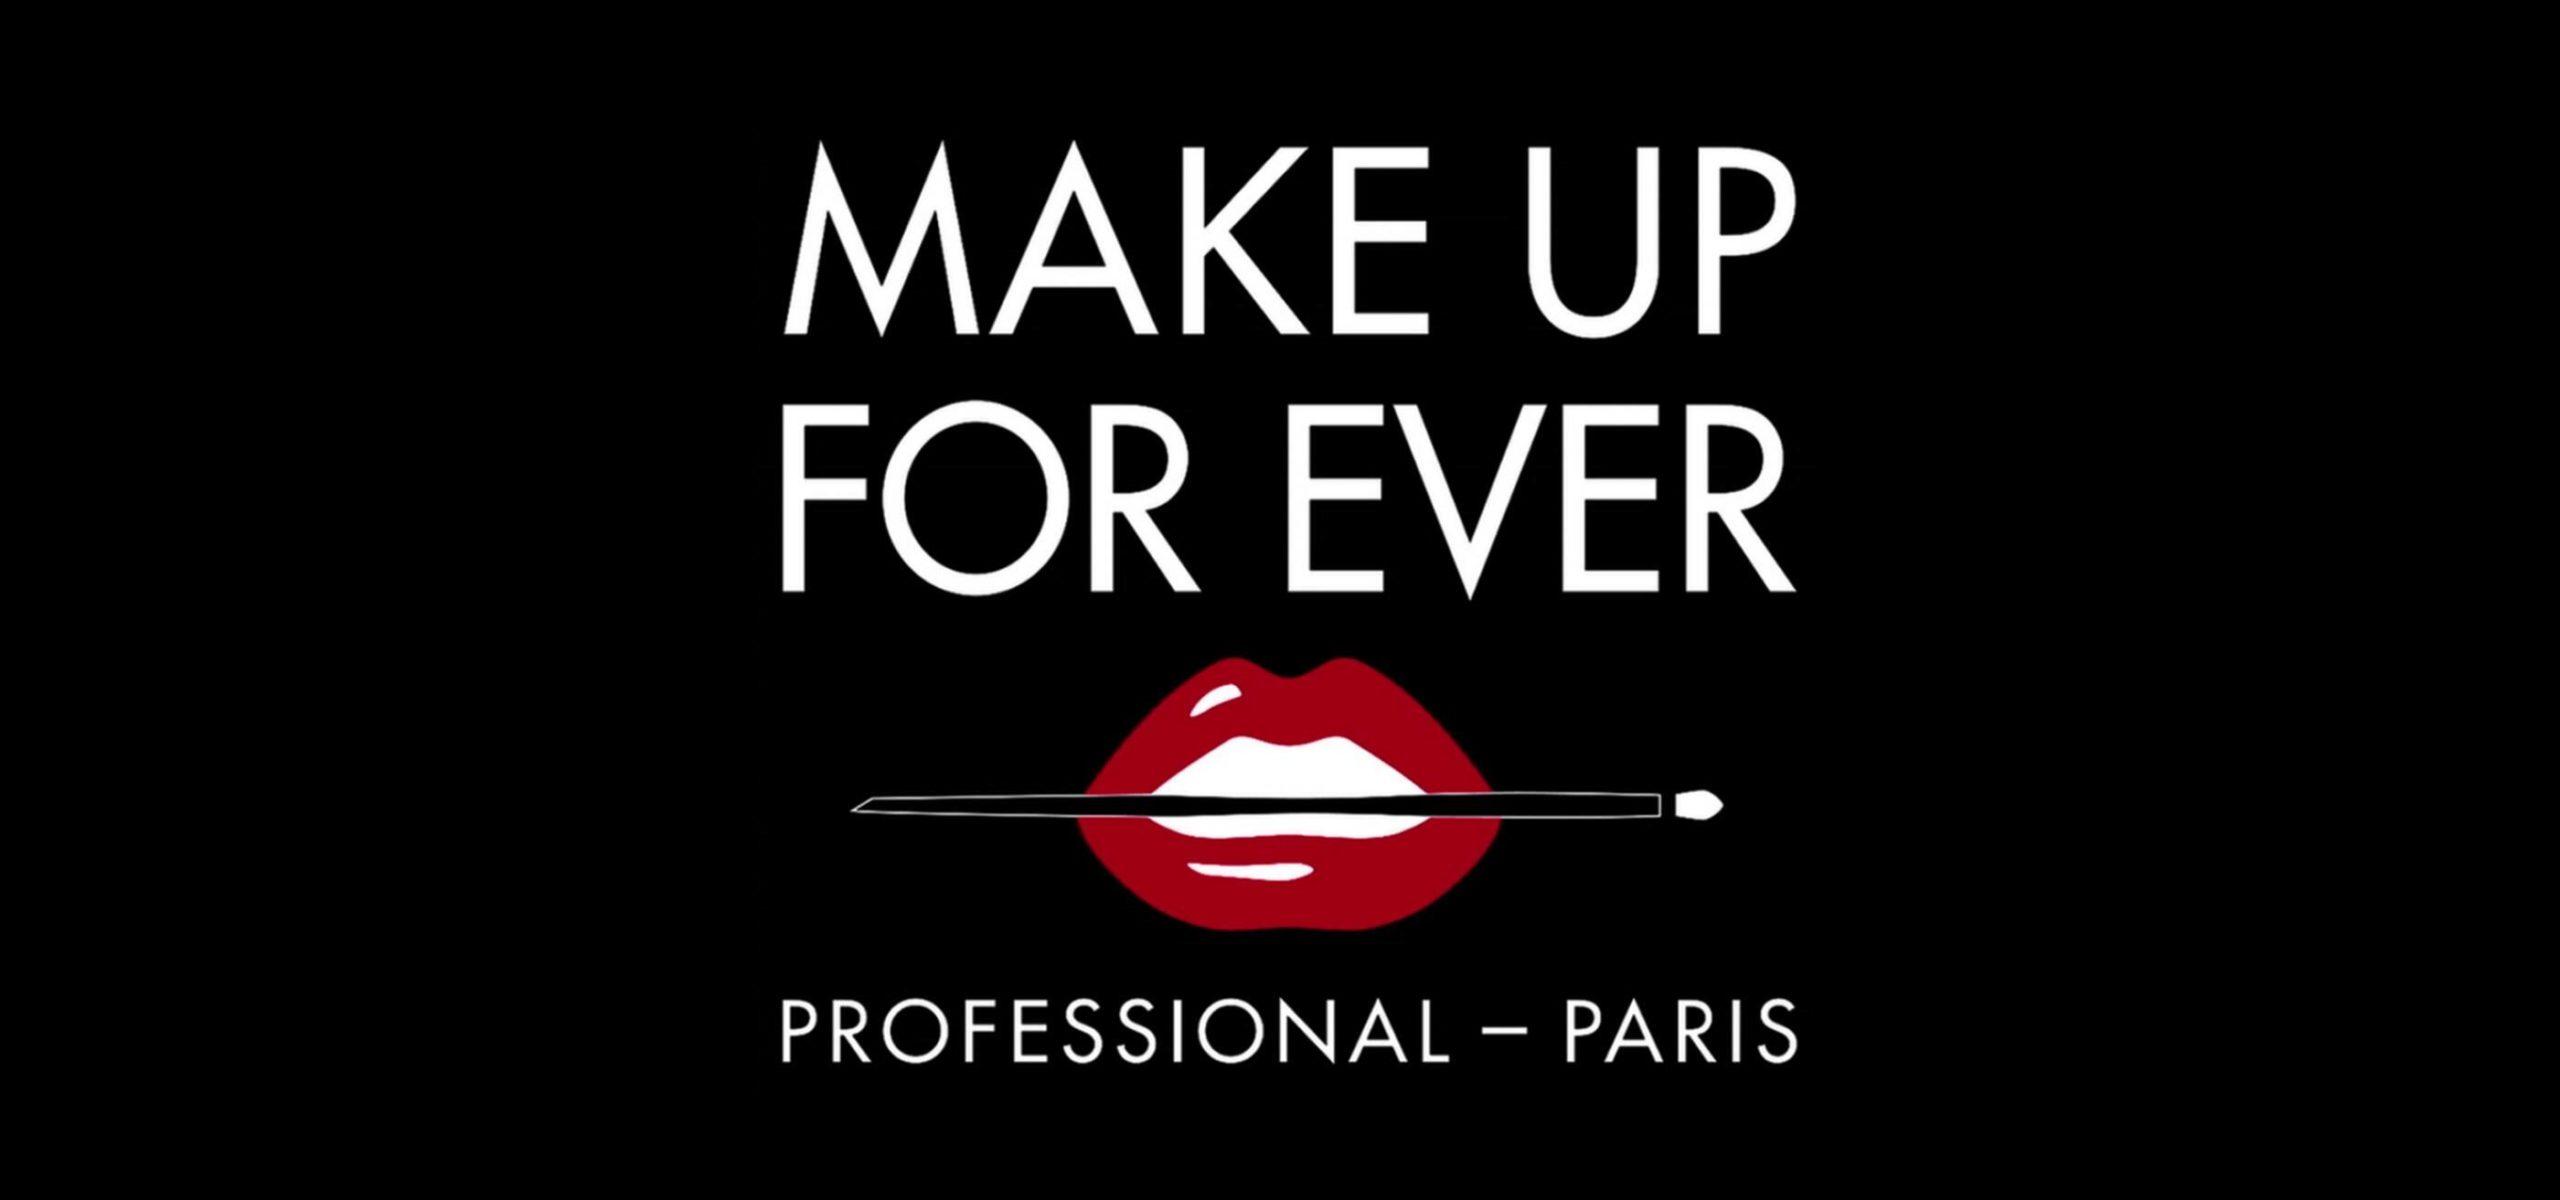 make up logo